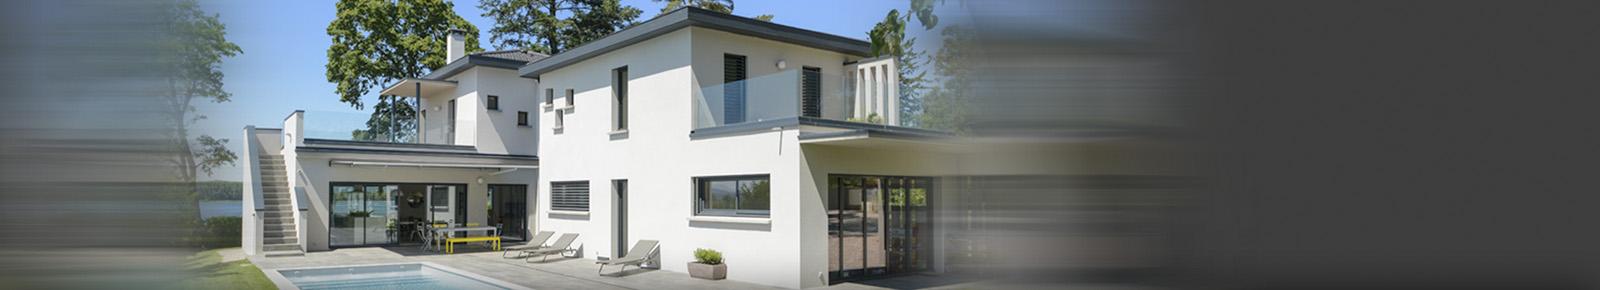 Garantie parfait ach vement constructeur s lection for Artisan constructeur maison individuelle